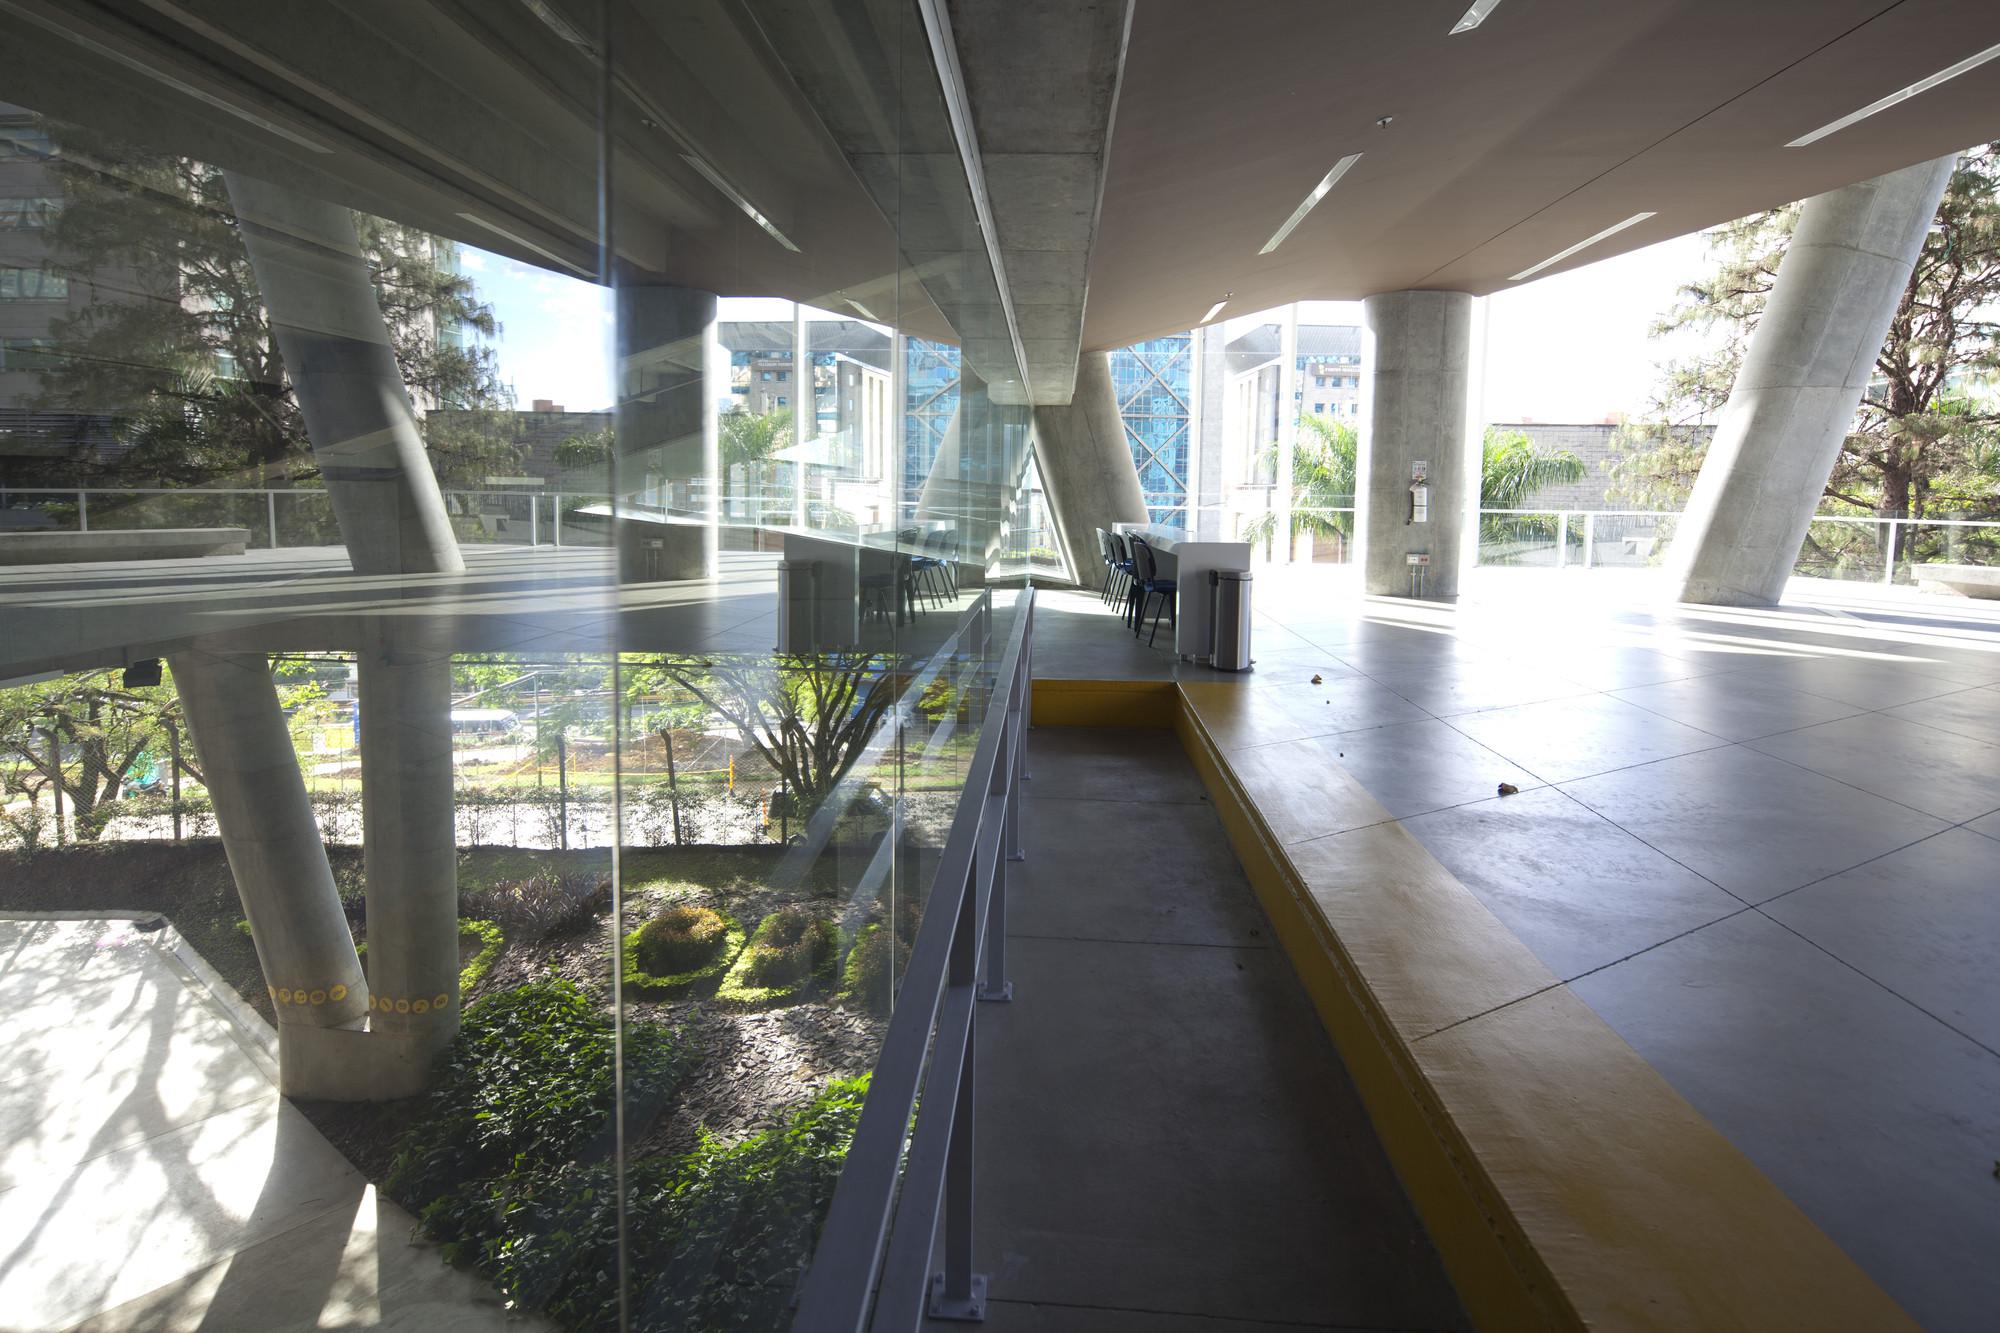 La Enseñanza  School Auditorium / OPUS + MEJÍA , © Sergio Gómez